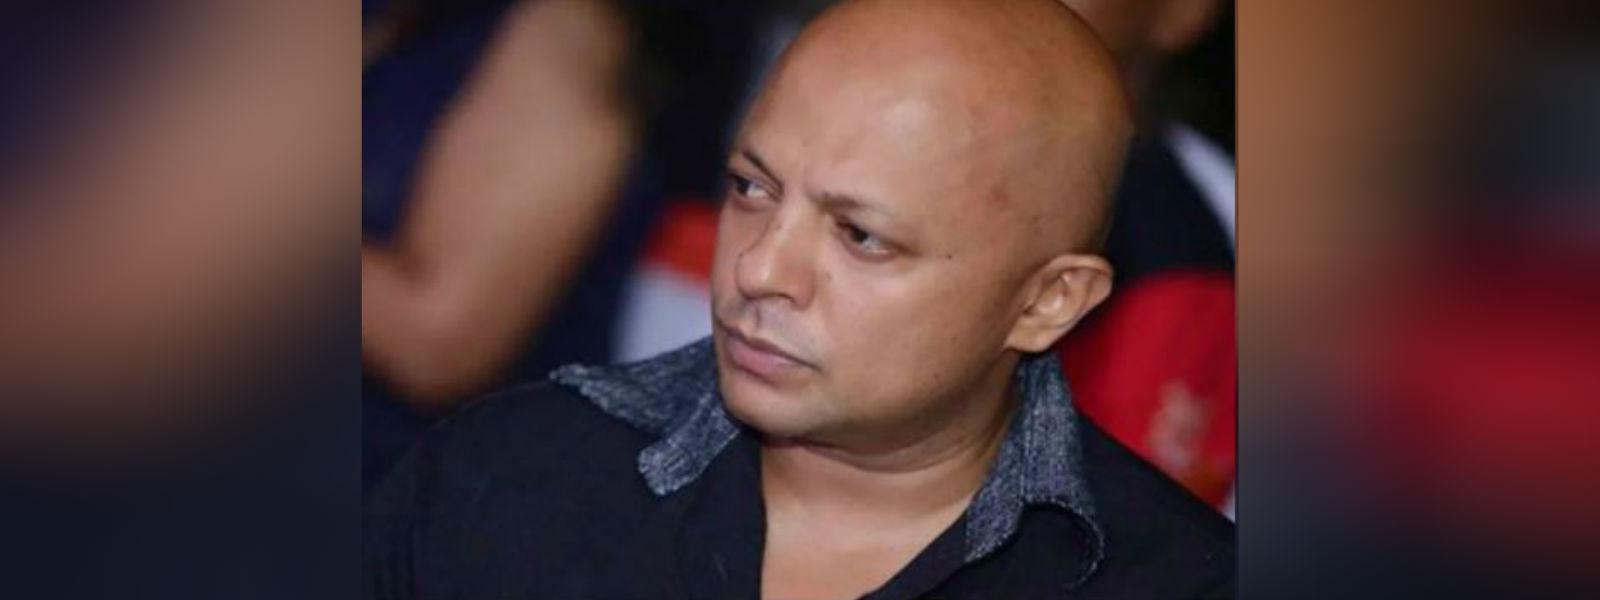 பிவித்துரு ஹெல உறுமய கட்சியின் பிரதித் தலைவர் மதுமாதவ மீது சட்ட நடவடிக்கை